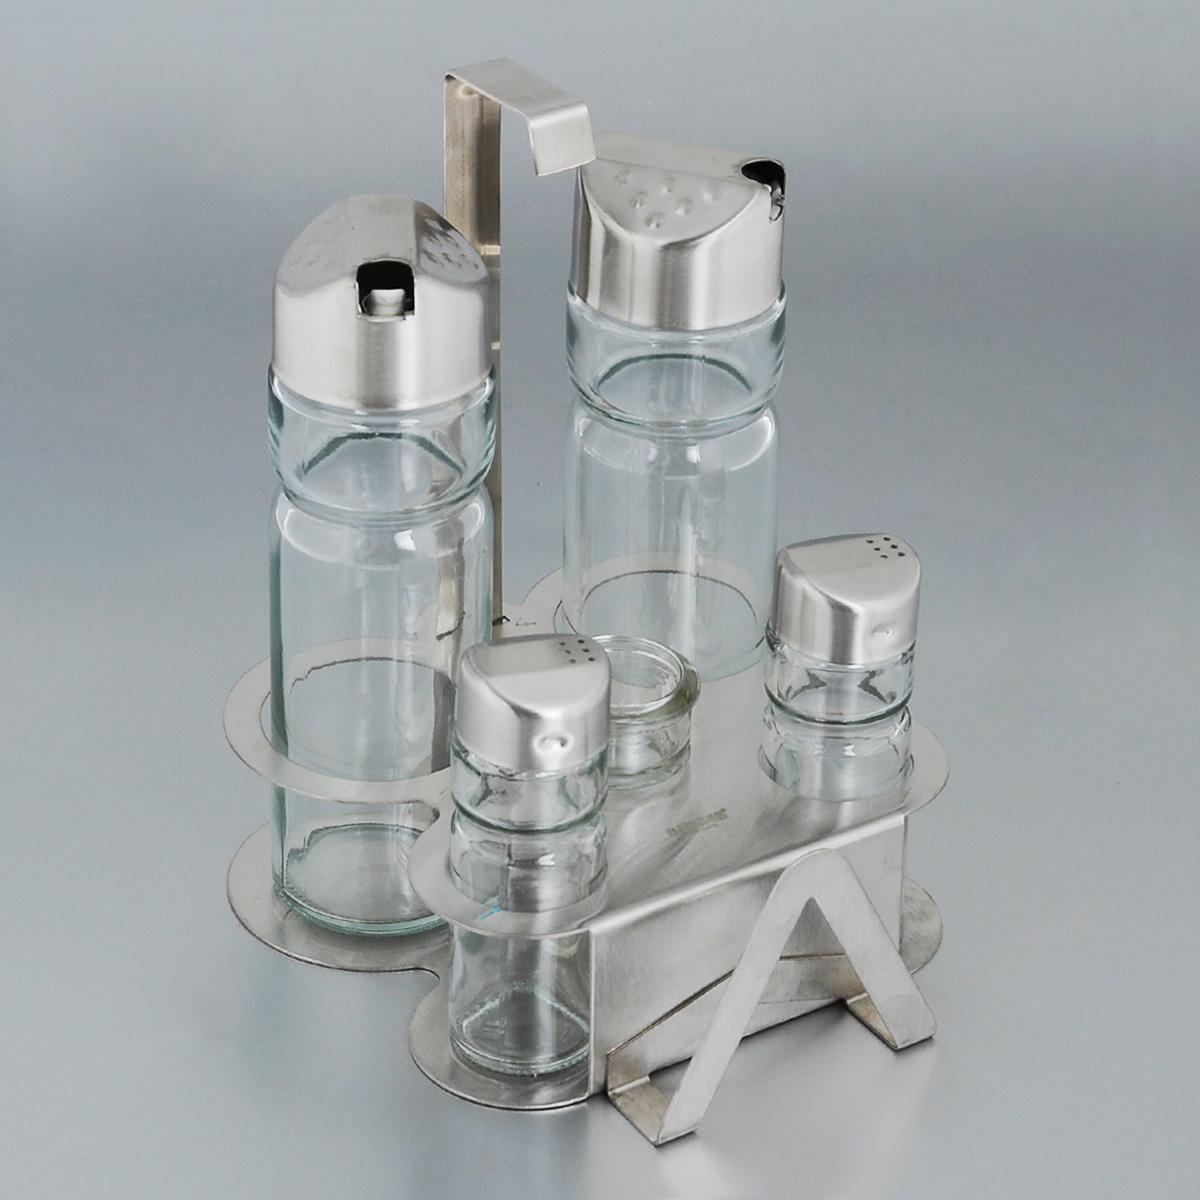 Набор для специй Bekker, 6 предметов. BK-3100 (24)BK-3100 (24)Набор для специй Bekker состоит из солонки, перечницы, двух дозаторов для масла и уксуса, емкости для зубочисток и подставки. Емкости выполнены из стекла и оснащены металлическими крышками. В комплекте имеется подставка из нержавеющей стали с матовой полировкой. Подставка оснащена специальными выемками для емкостей и салфетницей. Такой набор стильно украсит кухонный стол, а благодаря качеству материалов и высококлассной обработке прослужит долгие годы. Высота солонки/перечницы: 9 см.Диаметр солонки/перечницы: 3 см.Высота емкости для зубочисток: 6 см.Диаметр емкости для зубочисток: 3 см.Высота дозаторов: 16 см.Диаметр дозаторов: 5 см.Размер подставки (ДхШхВ): 14,5 см х 14 см х 18 см. Высота солонки/перечницы: 9 см.Диаметр солонки/перечницы: 3 см.Высота емкости для зубочисток: 6 см.Диаметр емкости для зубочисток: 3 см.Высота дозаторов: 16 см.Диаметр дозаторов: 5 см.Размер подставки (ДхШхВ): 14,5 см х 14 см х 18 см.